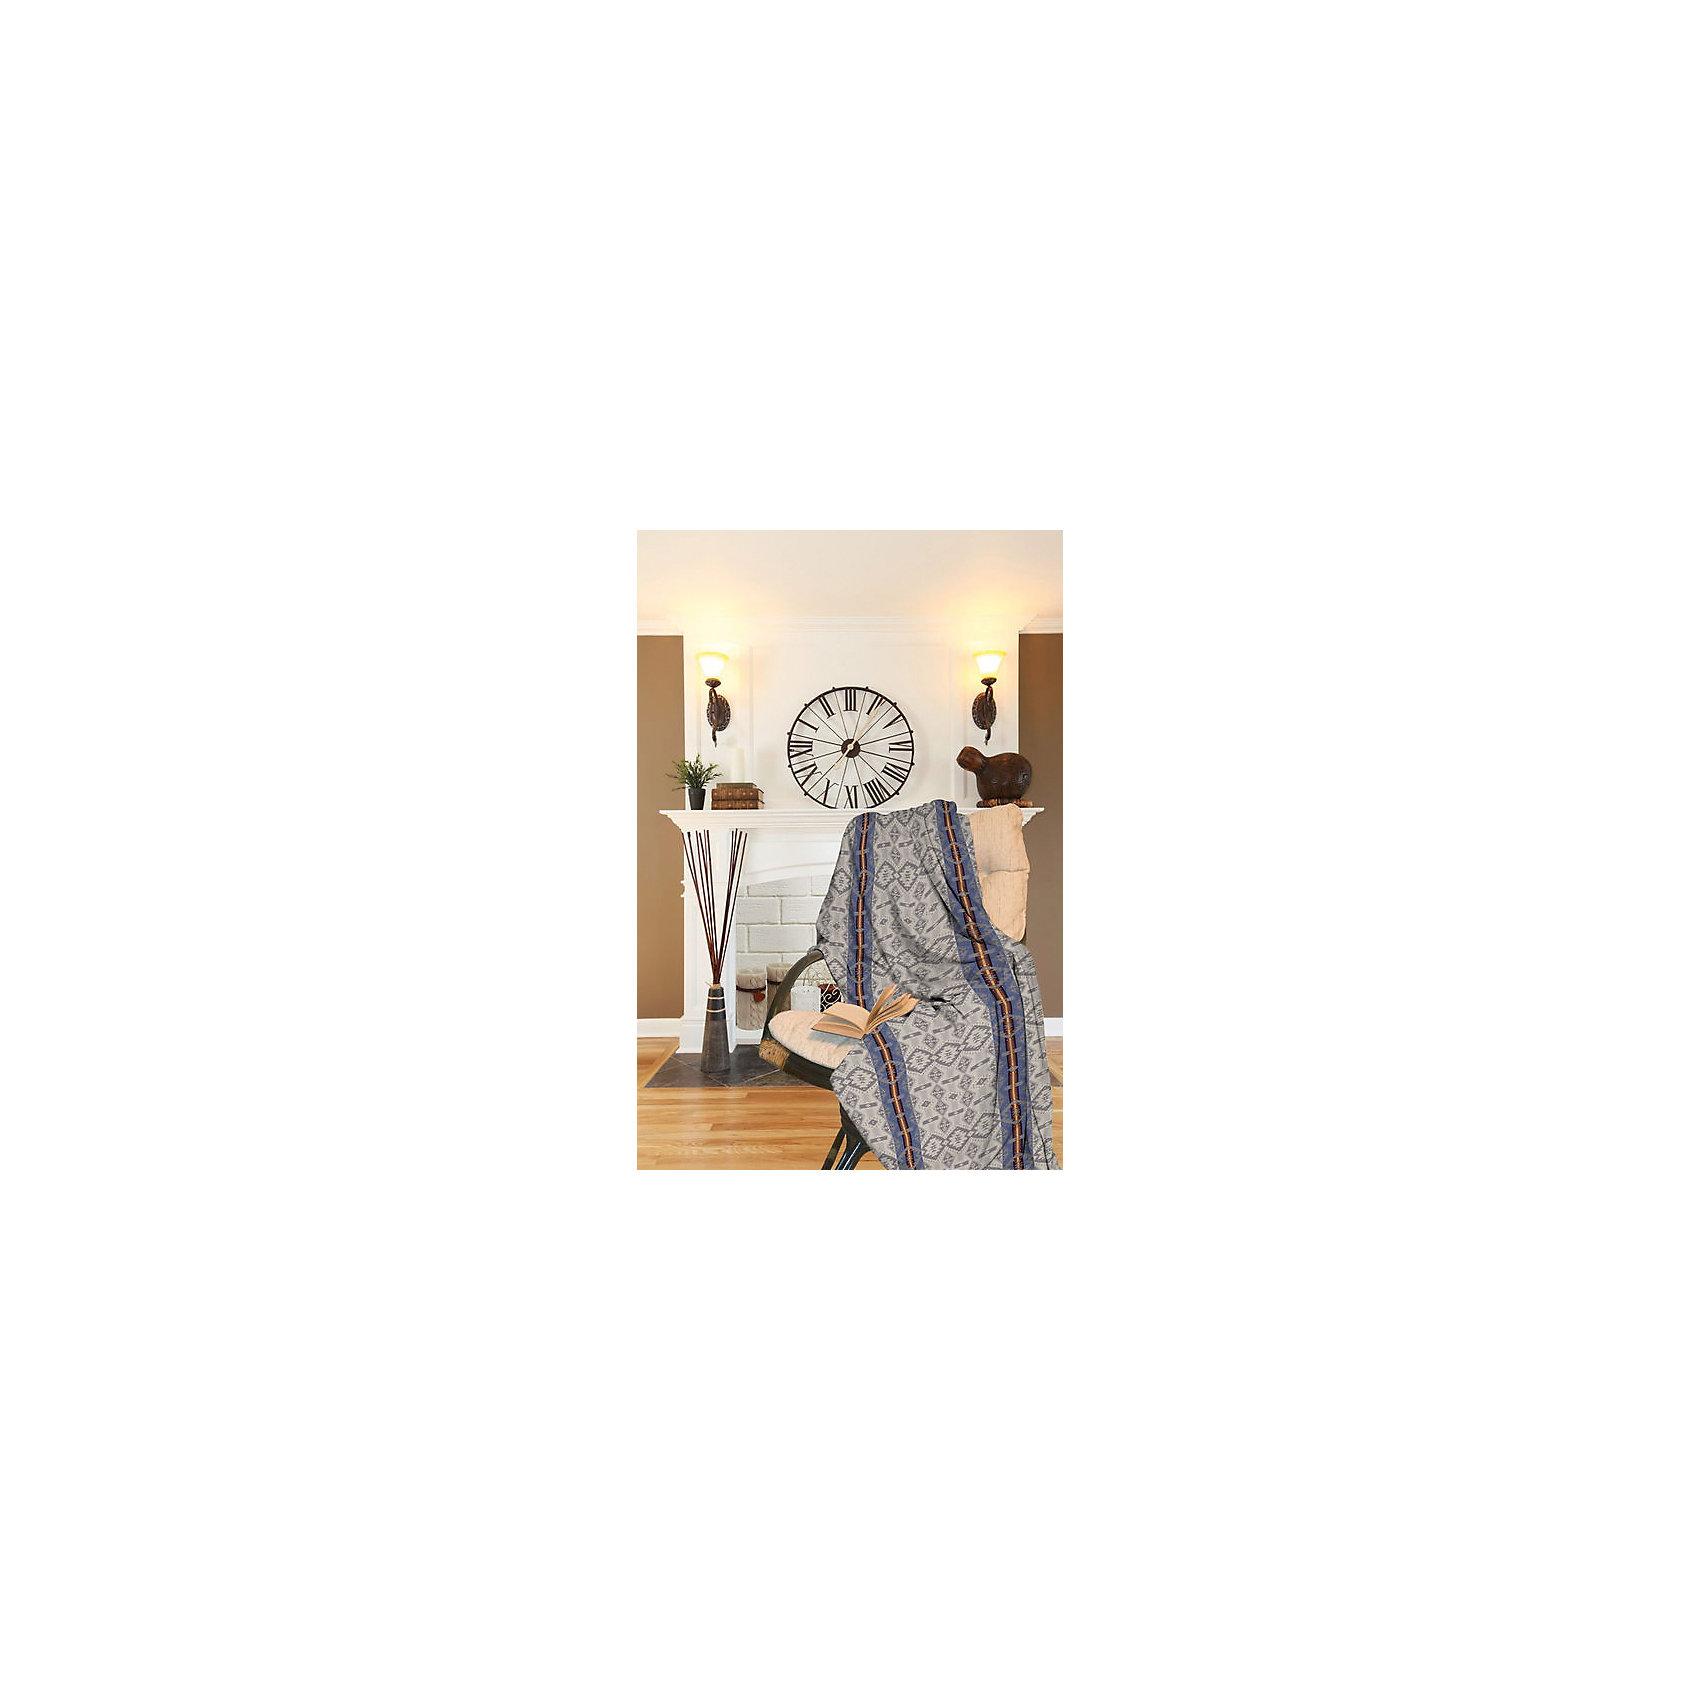 Покрывало Апачи флис 200х220, ВасилисаПокрывало Апачи, флис 200х220, Василиса.<br><br>Характеристика:<br><br>• Материал: 100% полиэстер. <br>• Размер: 200х220 см. <br>• Стильная привлекательная расцветка. <br>• Не линяет, не выцветает. <br><br>Мягкое флисовое покрывало отлично впишется в интерьер комнаты. Покрывало изготовлено из высококачественных материалов, не мнется, не линяет во время стирки, не выцветает, очень приятно на ощупь. В сложенном виде занимает очень мало места, его удобно брать с собой в поездки и путешествия, использовать в качестве легкого пледа. <br><br>Покрывало Апачи, флис 200х220, Василиса, можно купить в нашем интернет-магазине.<br><br>Ширина мм: 350<br>Глубина мм: 150<br>Высота мм: 150<br>Вес г: 750<br>Возраст от месяцев: 120<br>Возраст до месяцев: 216<br>Пол: Унисекс<br>Возраст: Детский<br>SKU: 5115705